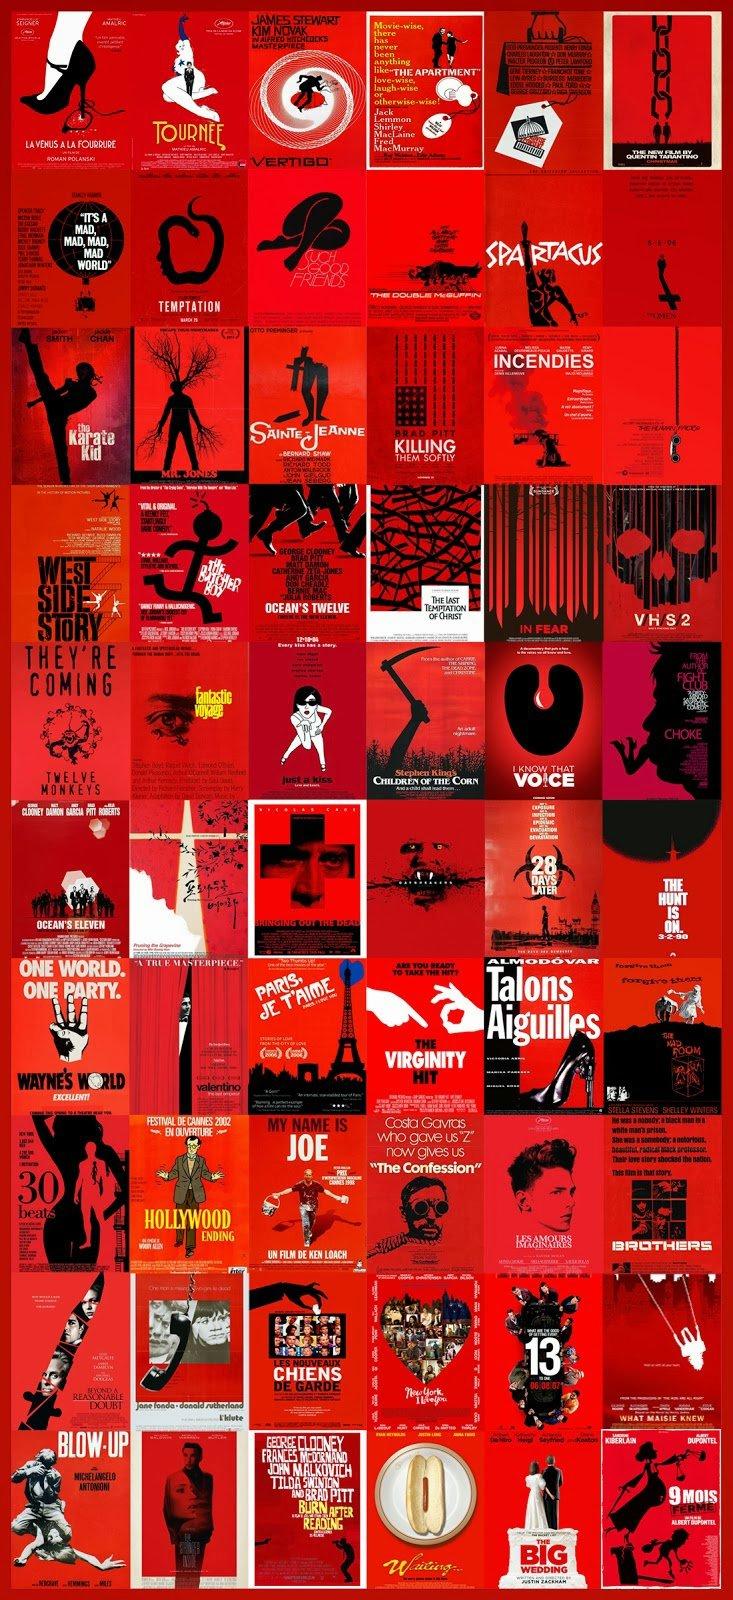 Утомившие киноштампы: Когда-то  постеры были искусством | Канобу - Изображение 42